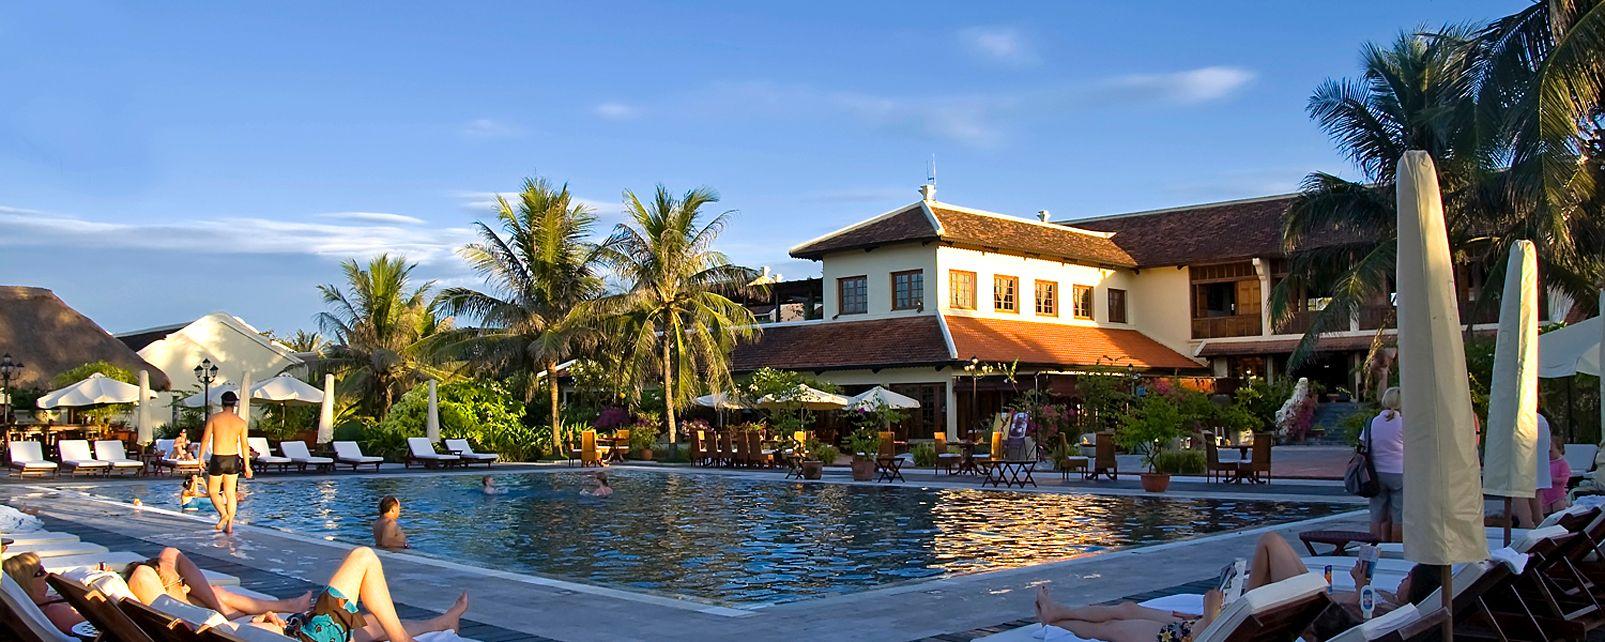 Hotel Victoria Hoi An